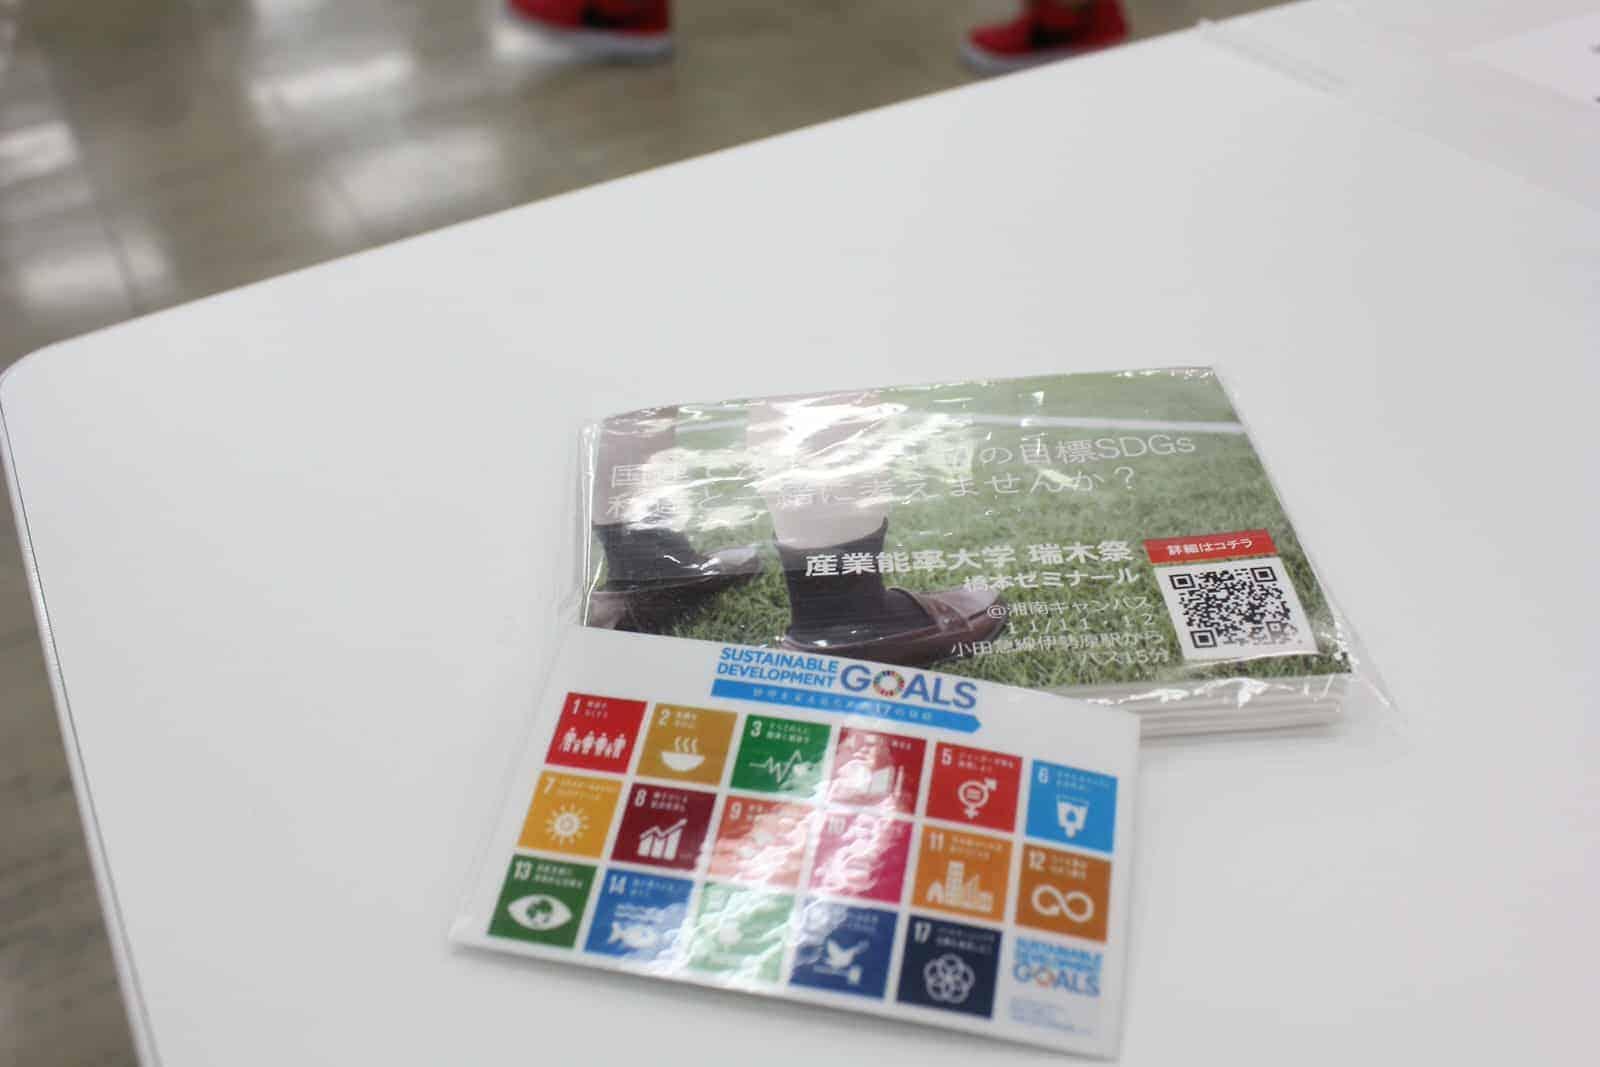 IMG 4600 - 【SDGs目標12】食糧の廃棄って、考えたことある? ~私たちができることから~